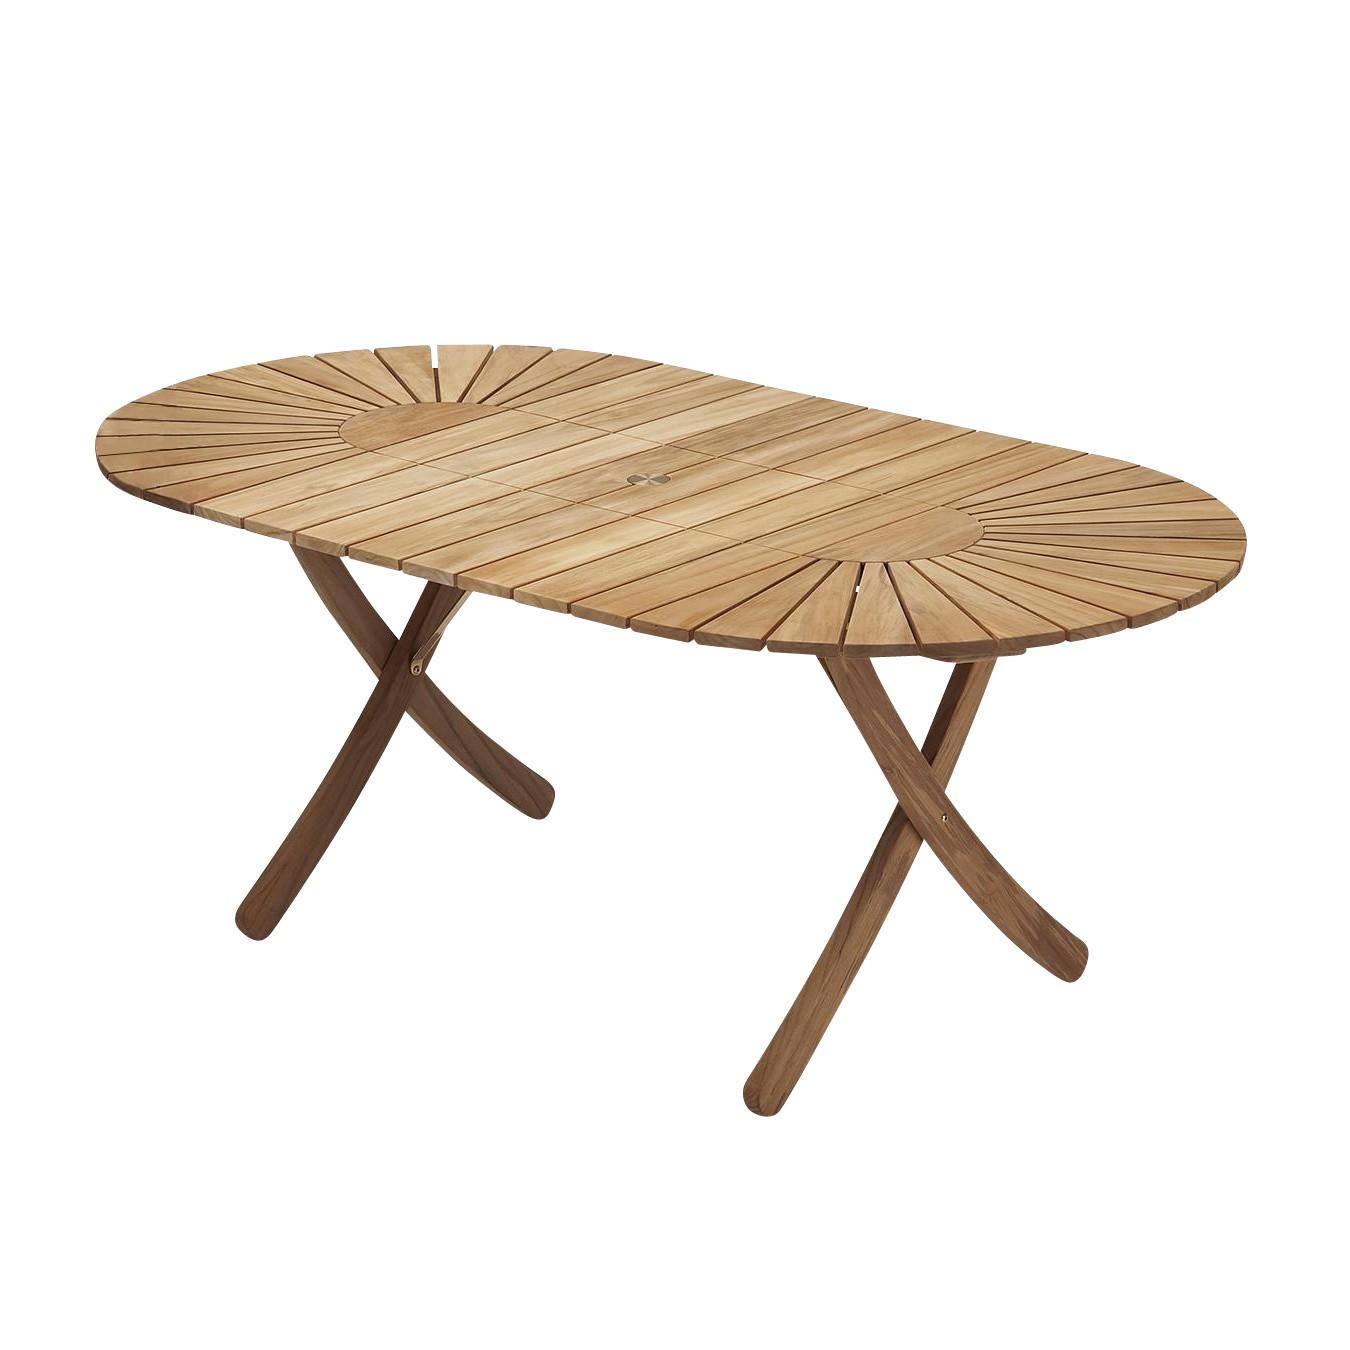 Selandia extendable Garden Table 8x8x8cm